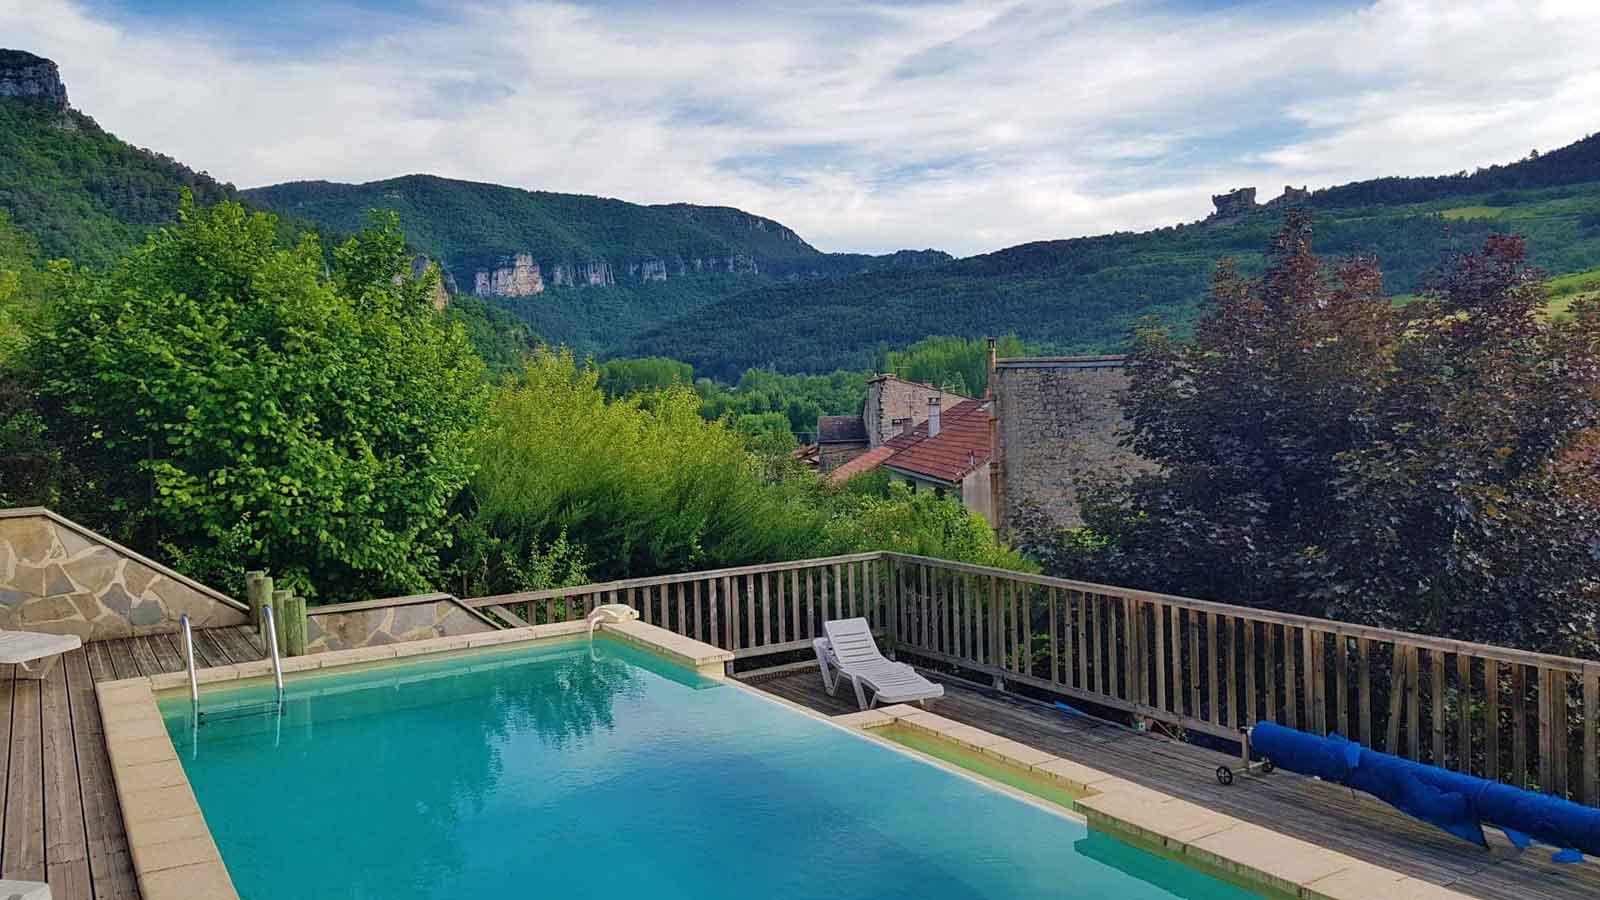 Piscine avec vue panoramique sur les gorges du Tarn - Chambres d'hôtes les Gargouilles (Boyne)